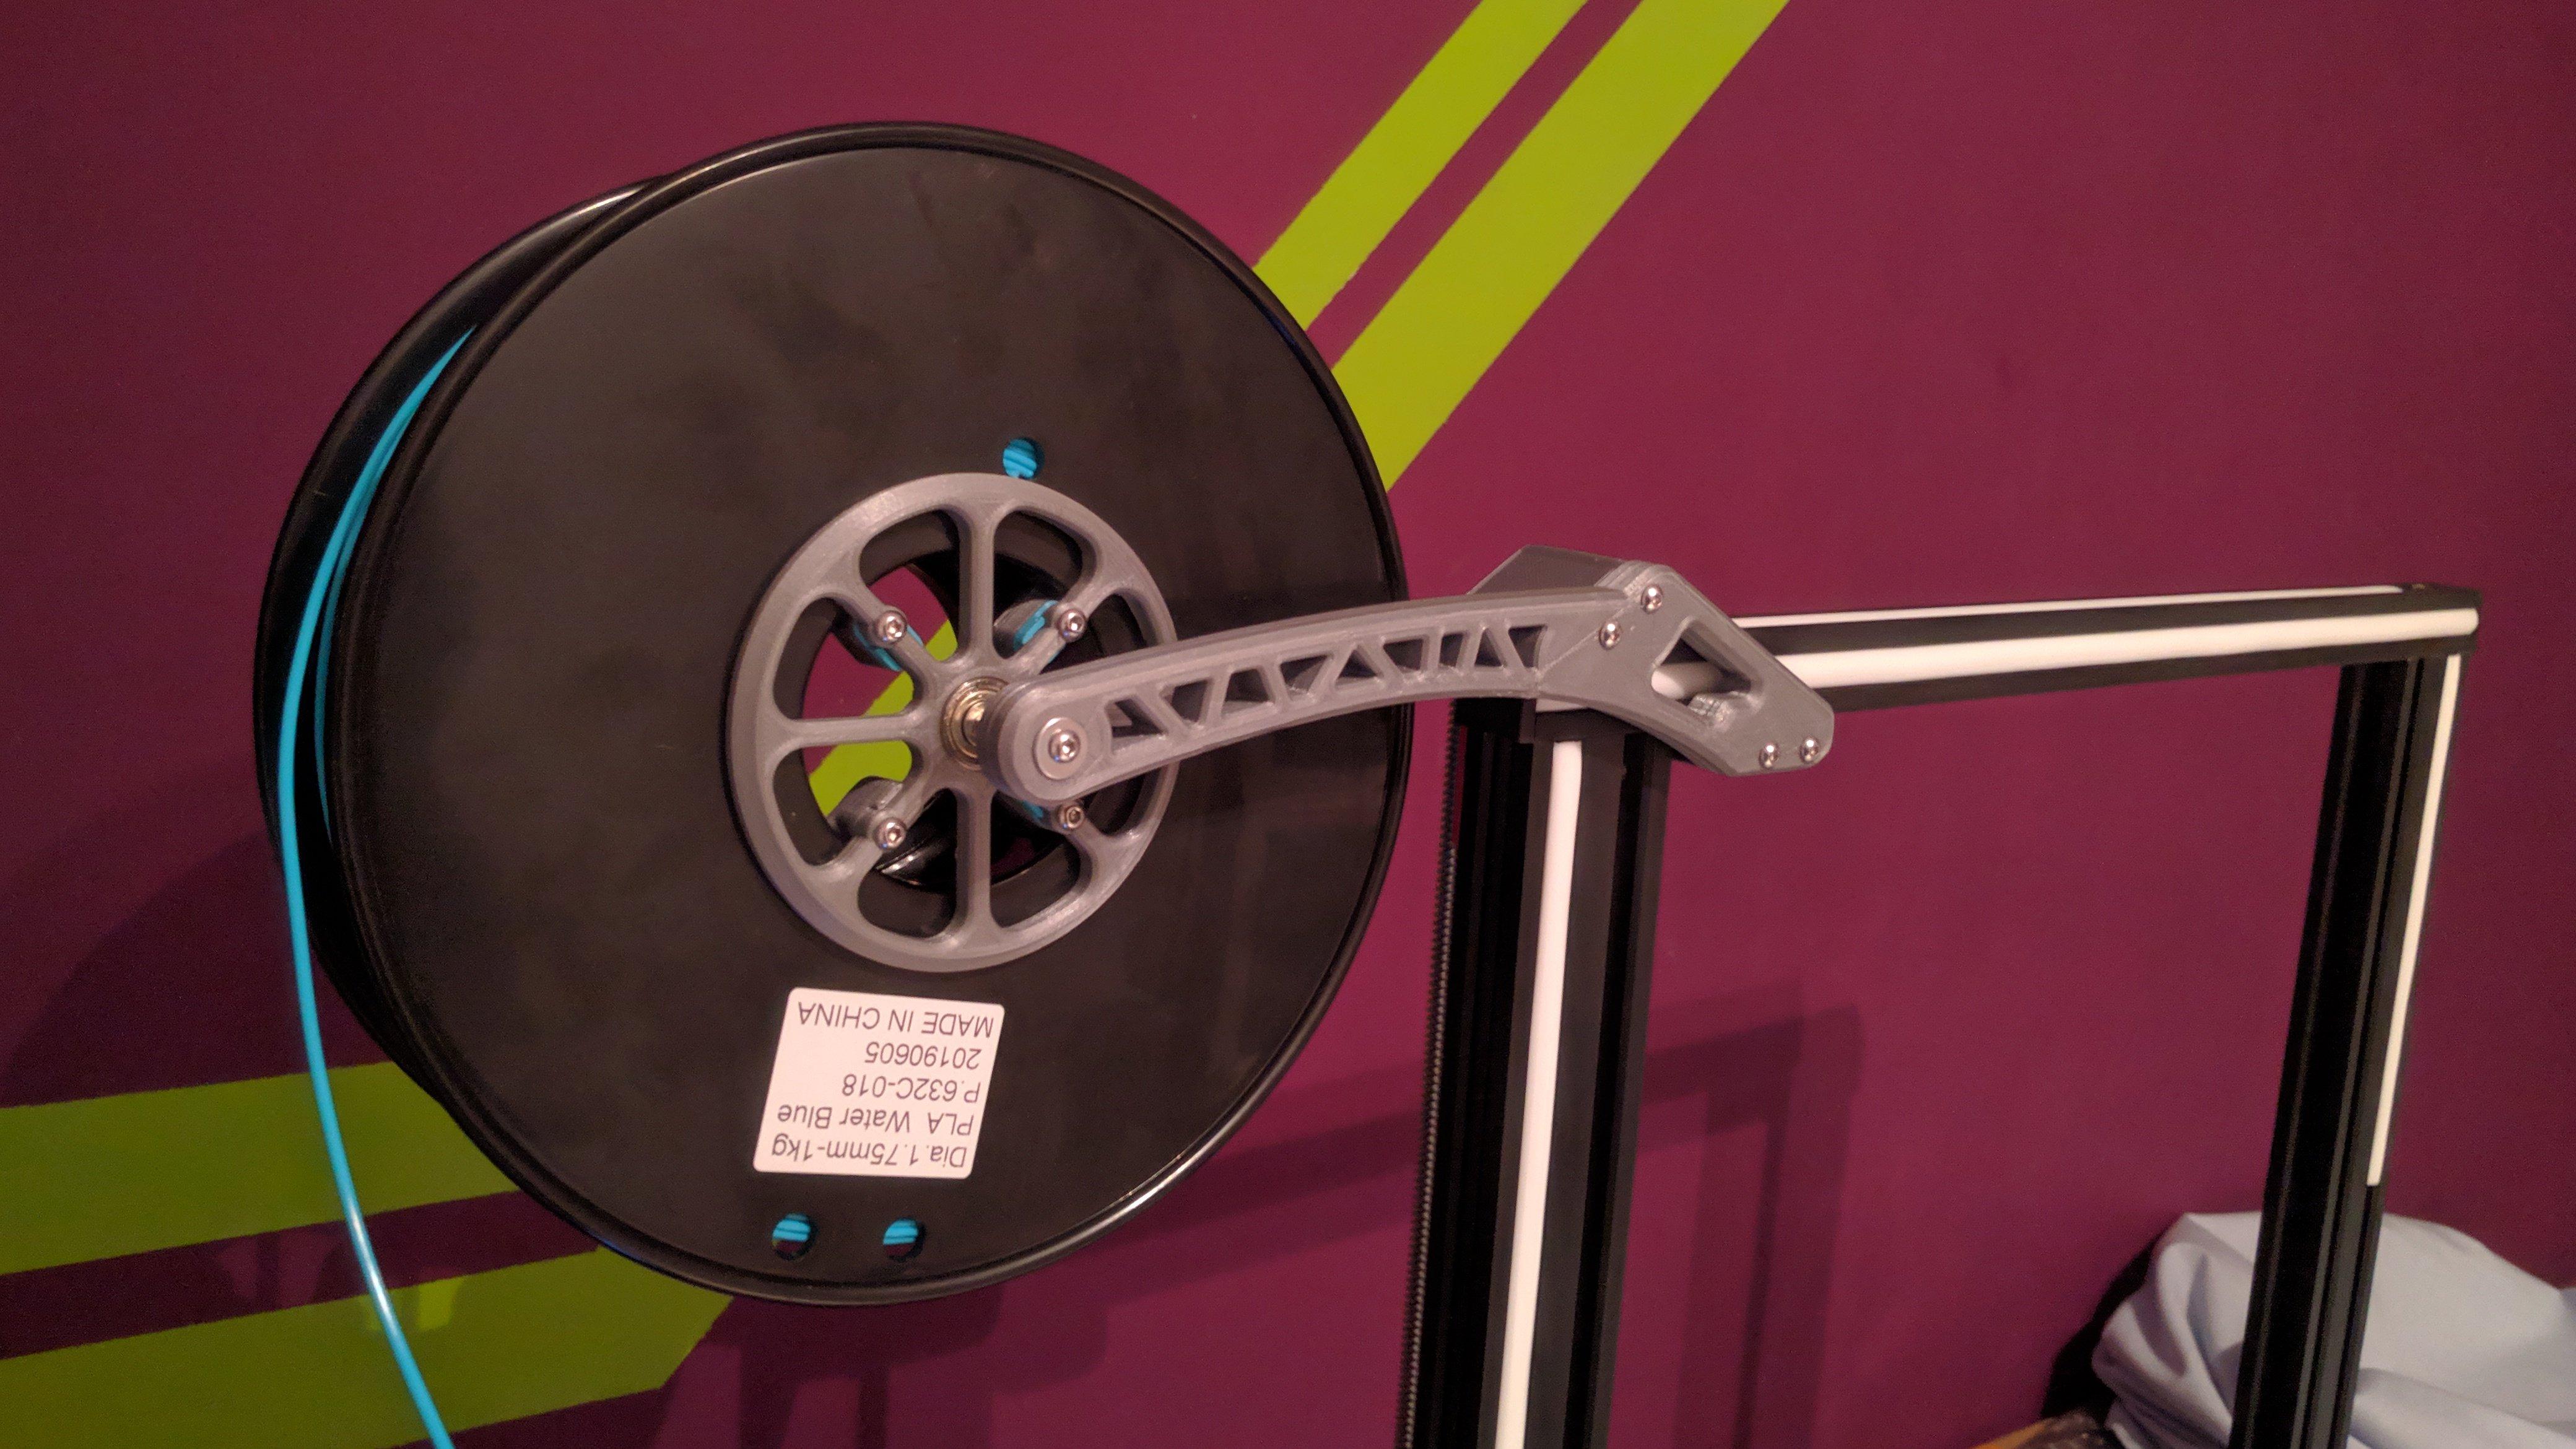 Hyper Alfawise u20 spool Holder (bearing) Prototype v1